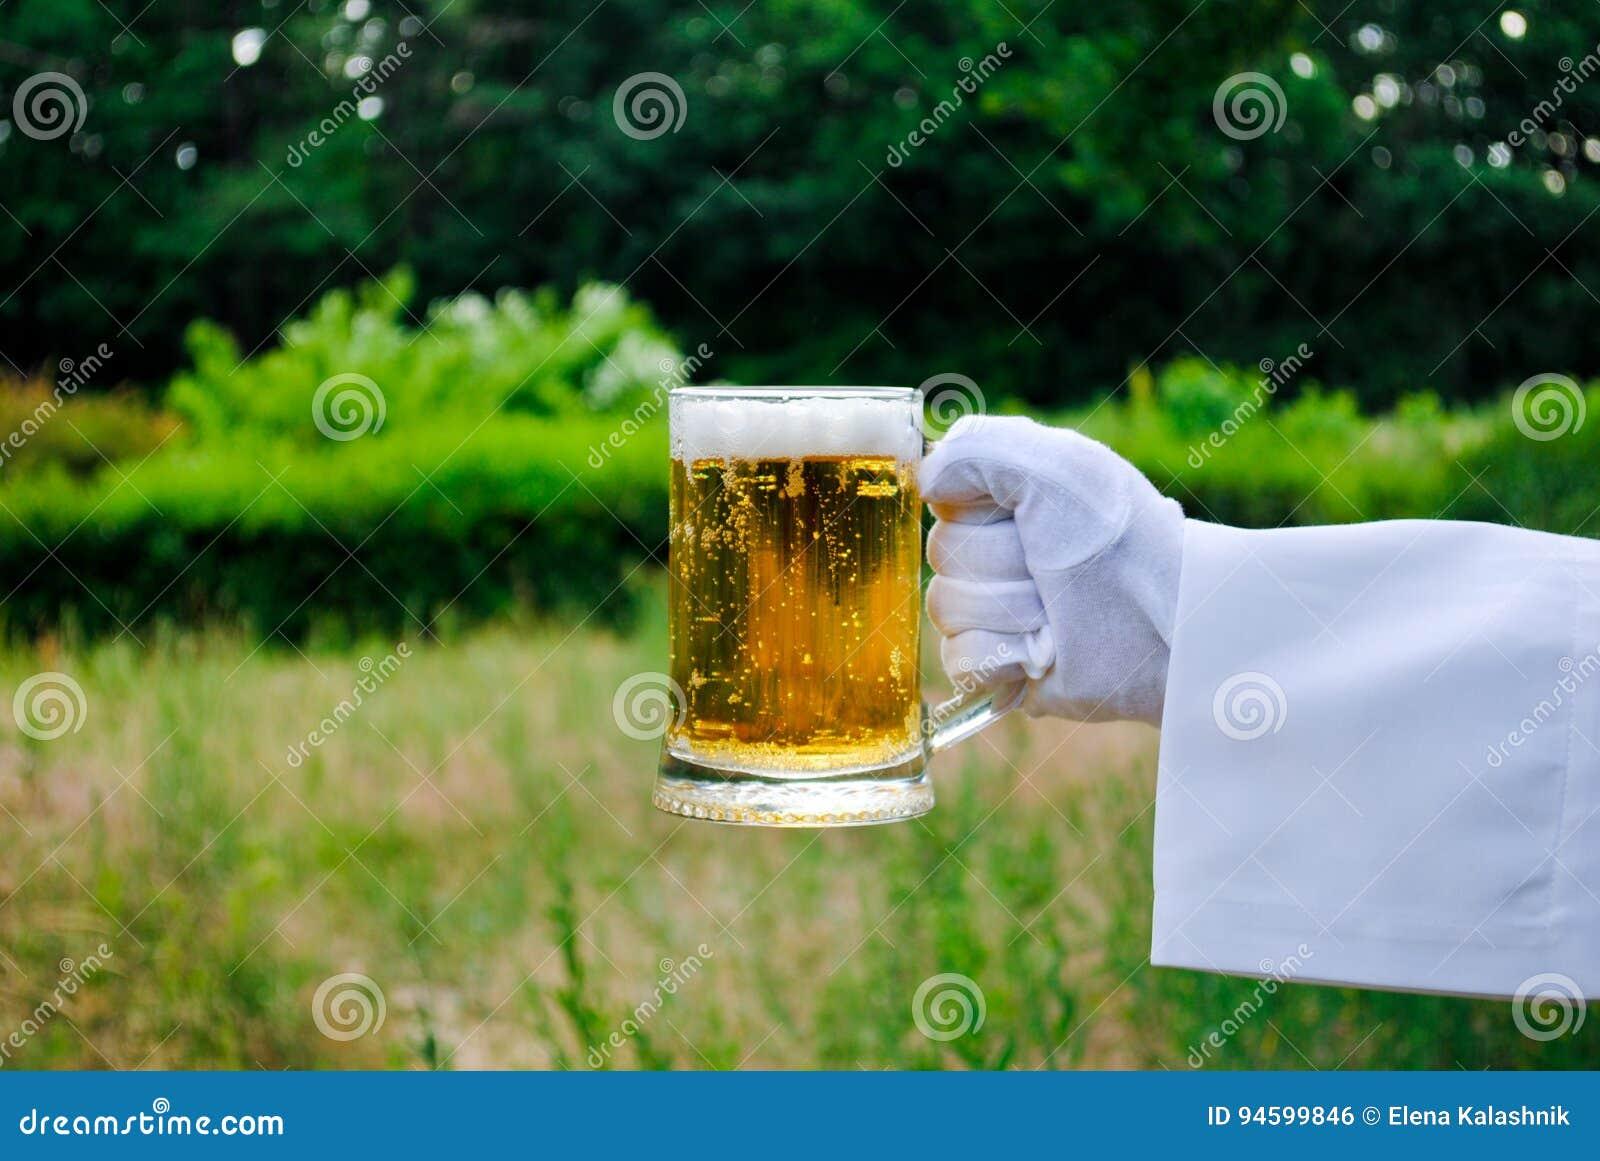 在一副白色手套的侍者` s手拿着一个啤酒杯以自然为背景